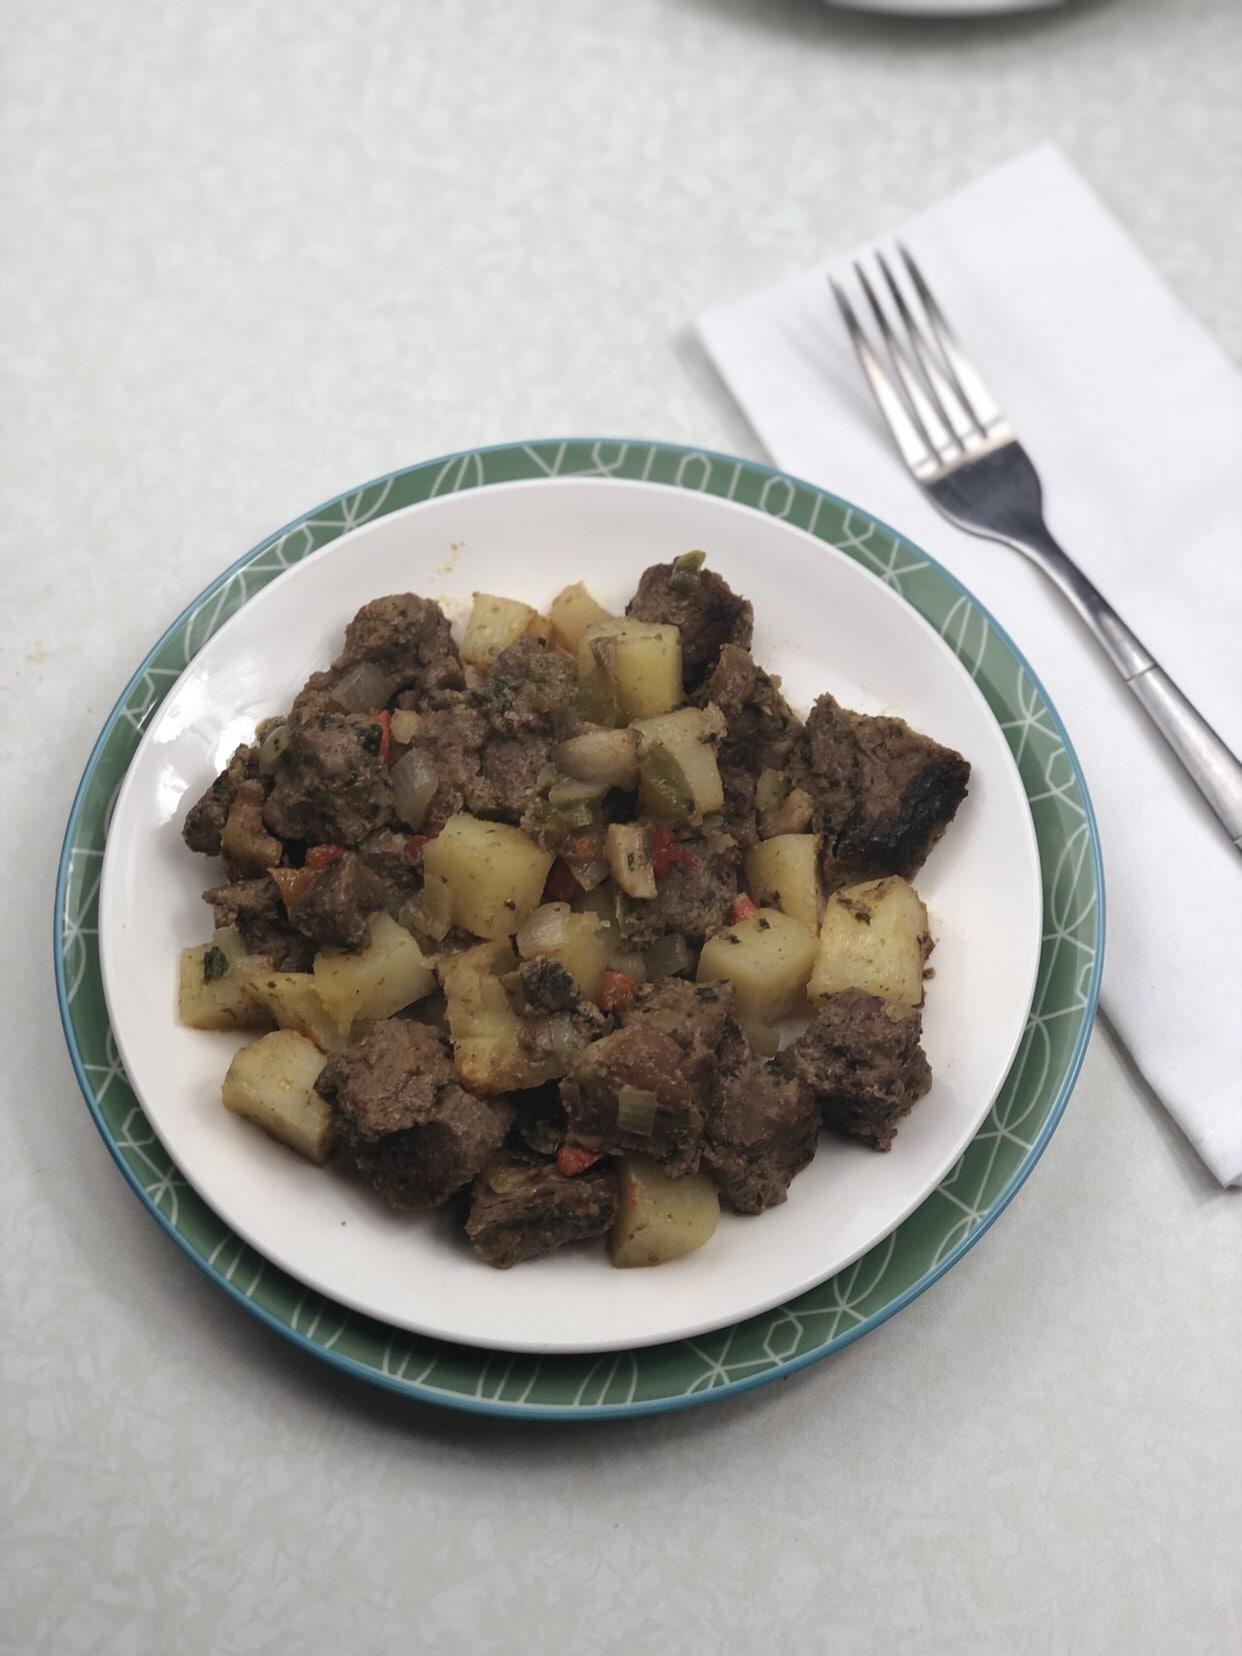 Air Fryer Steak Hobo Dinner Recipe (Air Fryer Steak and Potatoes)